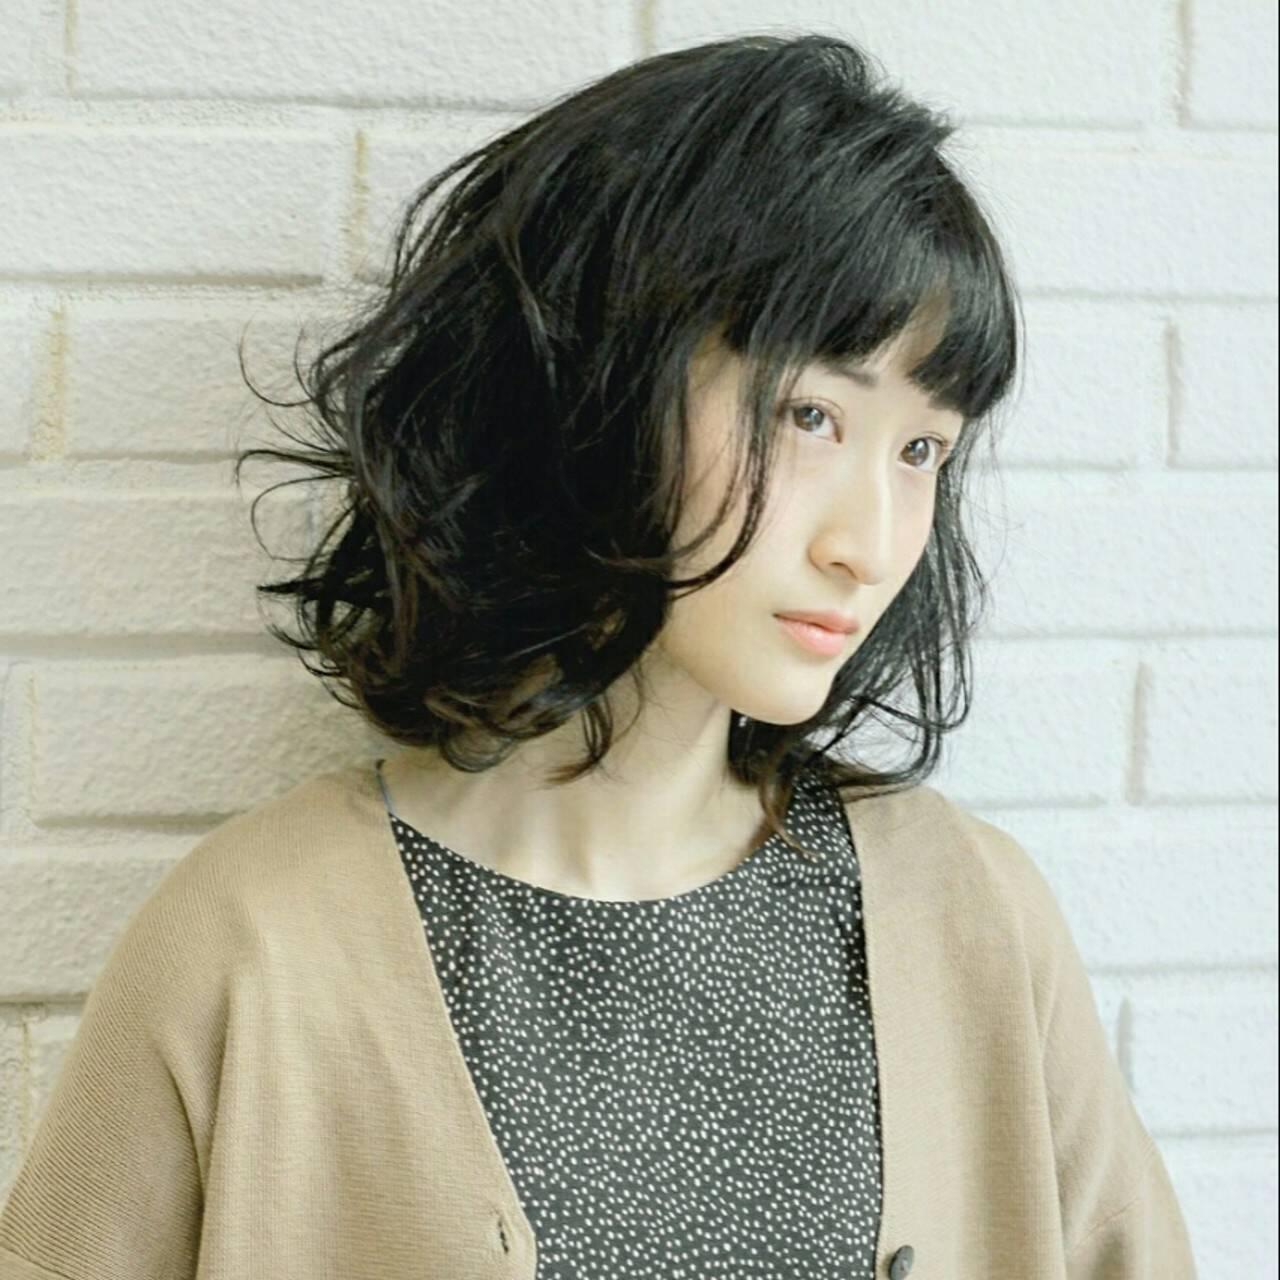 前髪あり ニュアンス ナチュラル ボブヘアスタイルや髪型の写真・画像